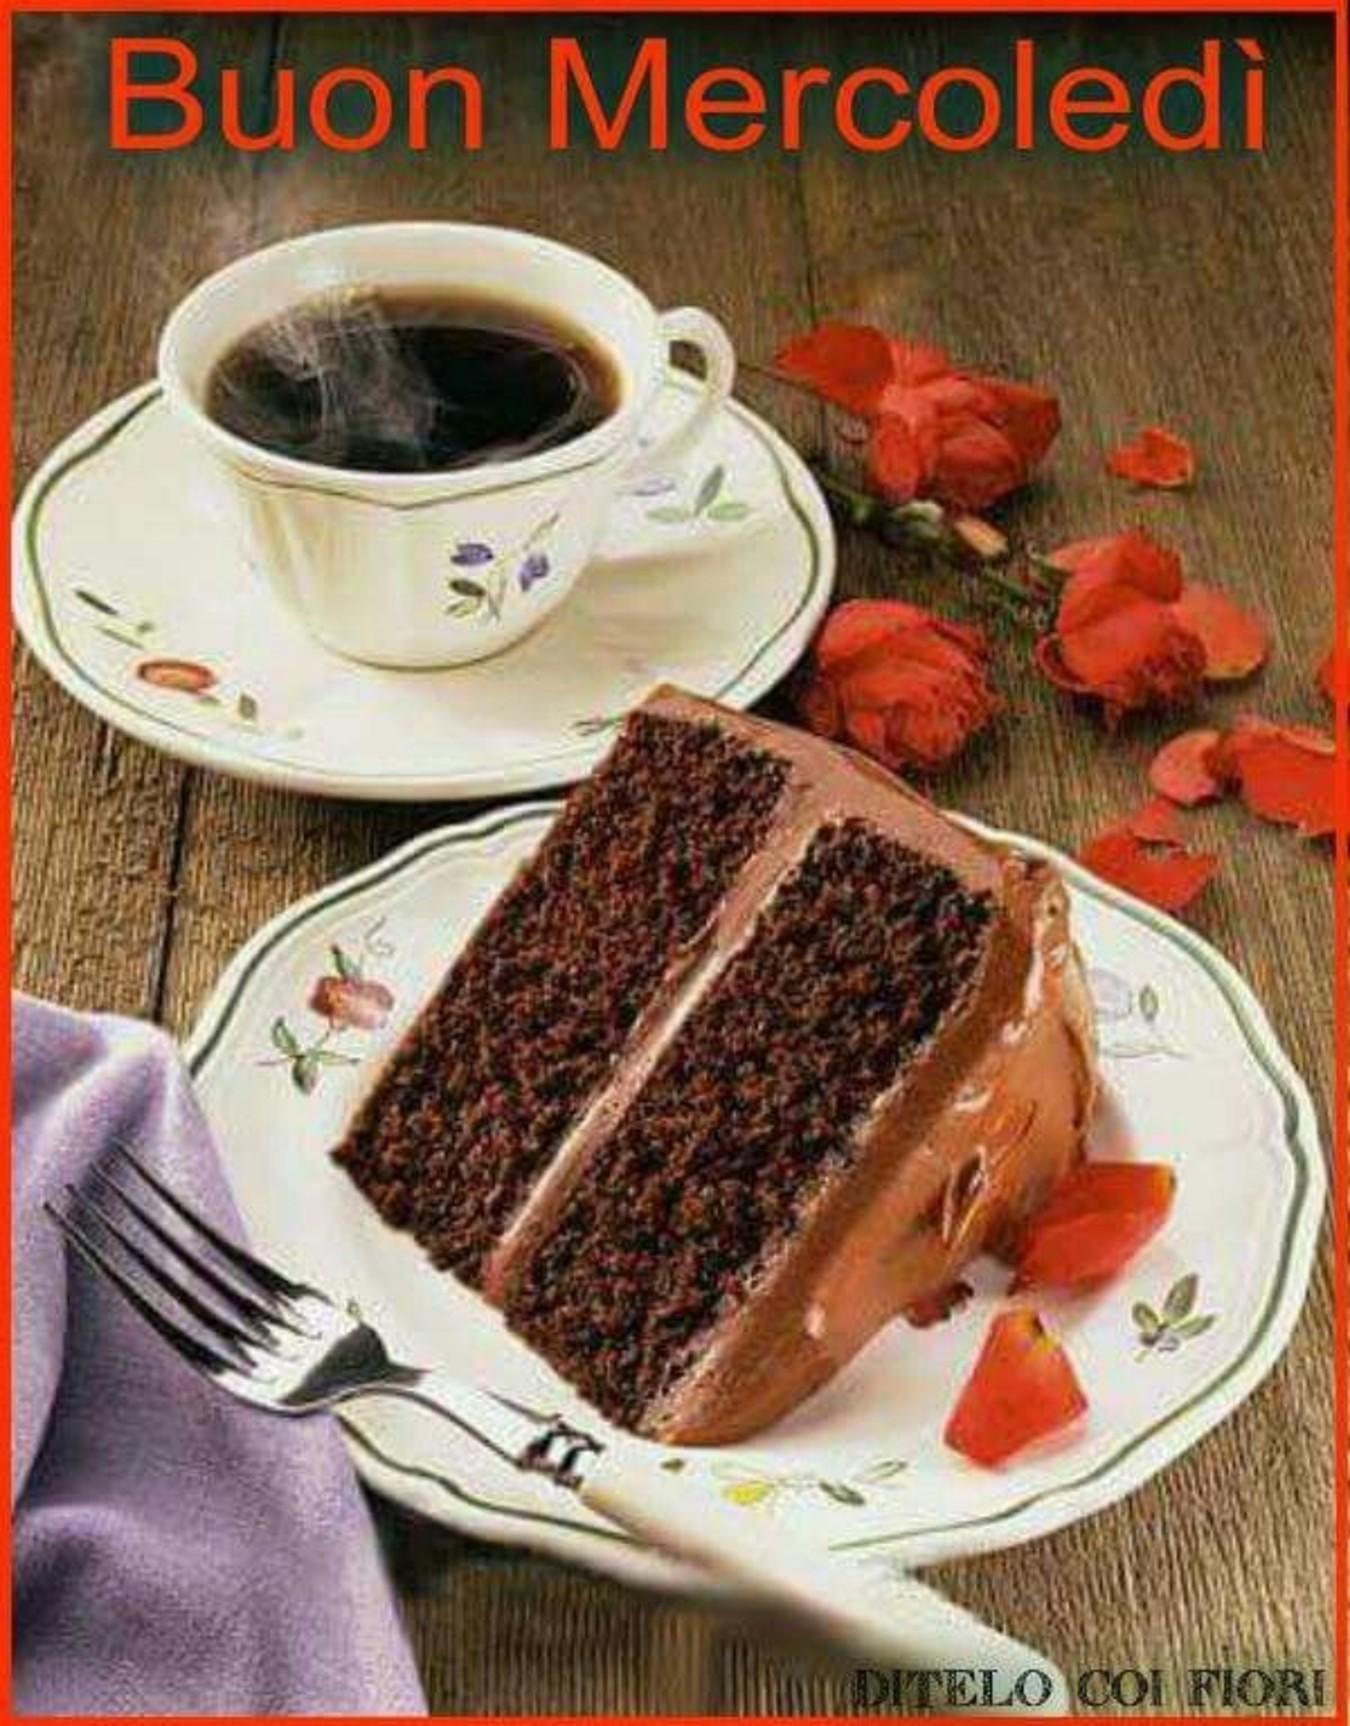 Immagini Buon Mercoledì Col Caffè 5 Archives Immaginiwhatsappit